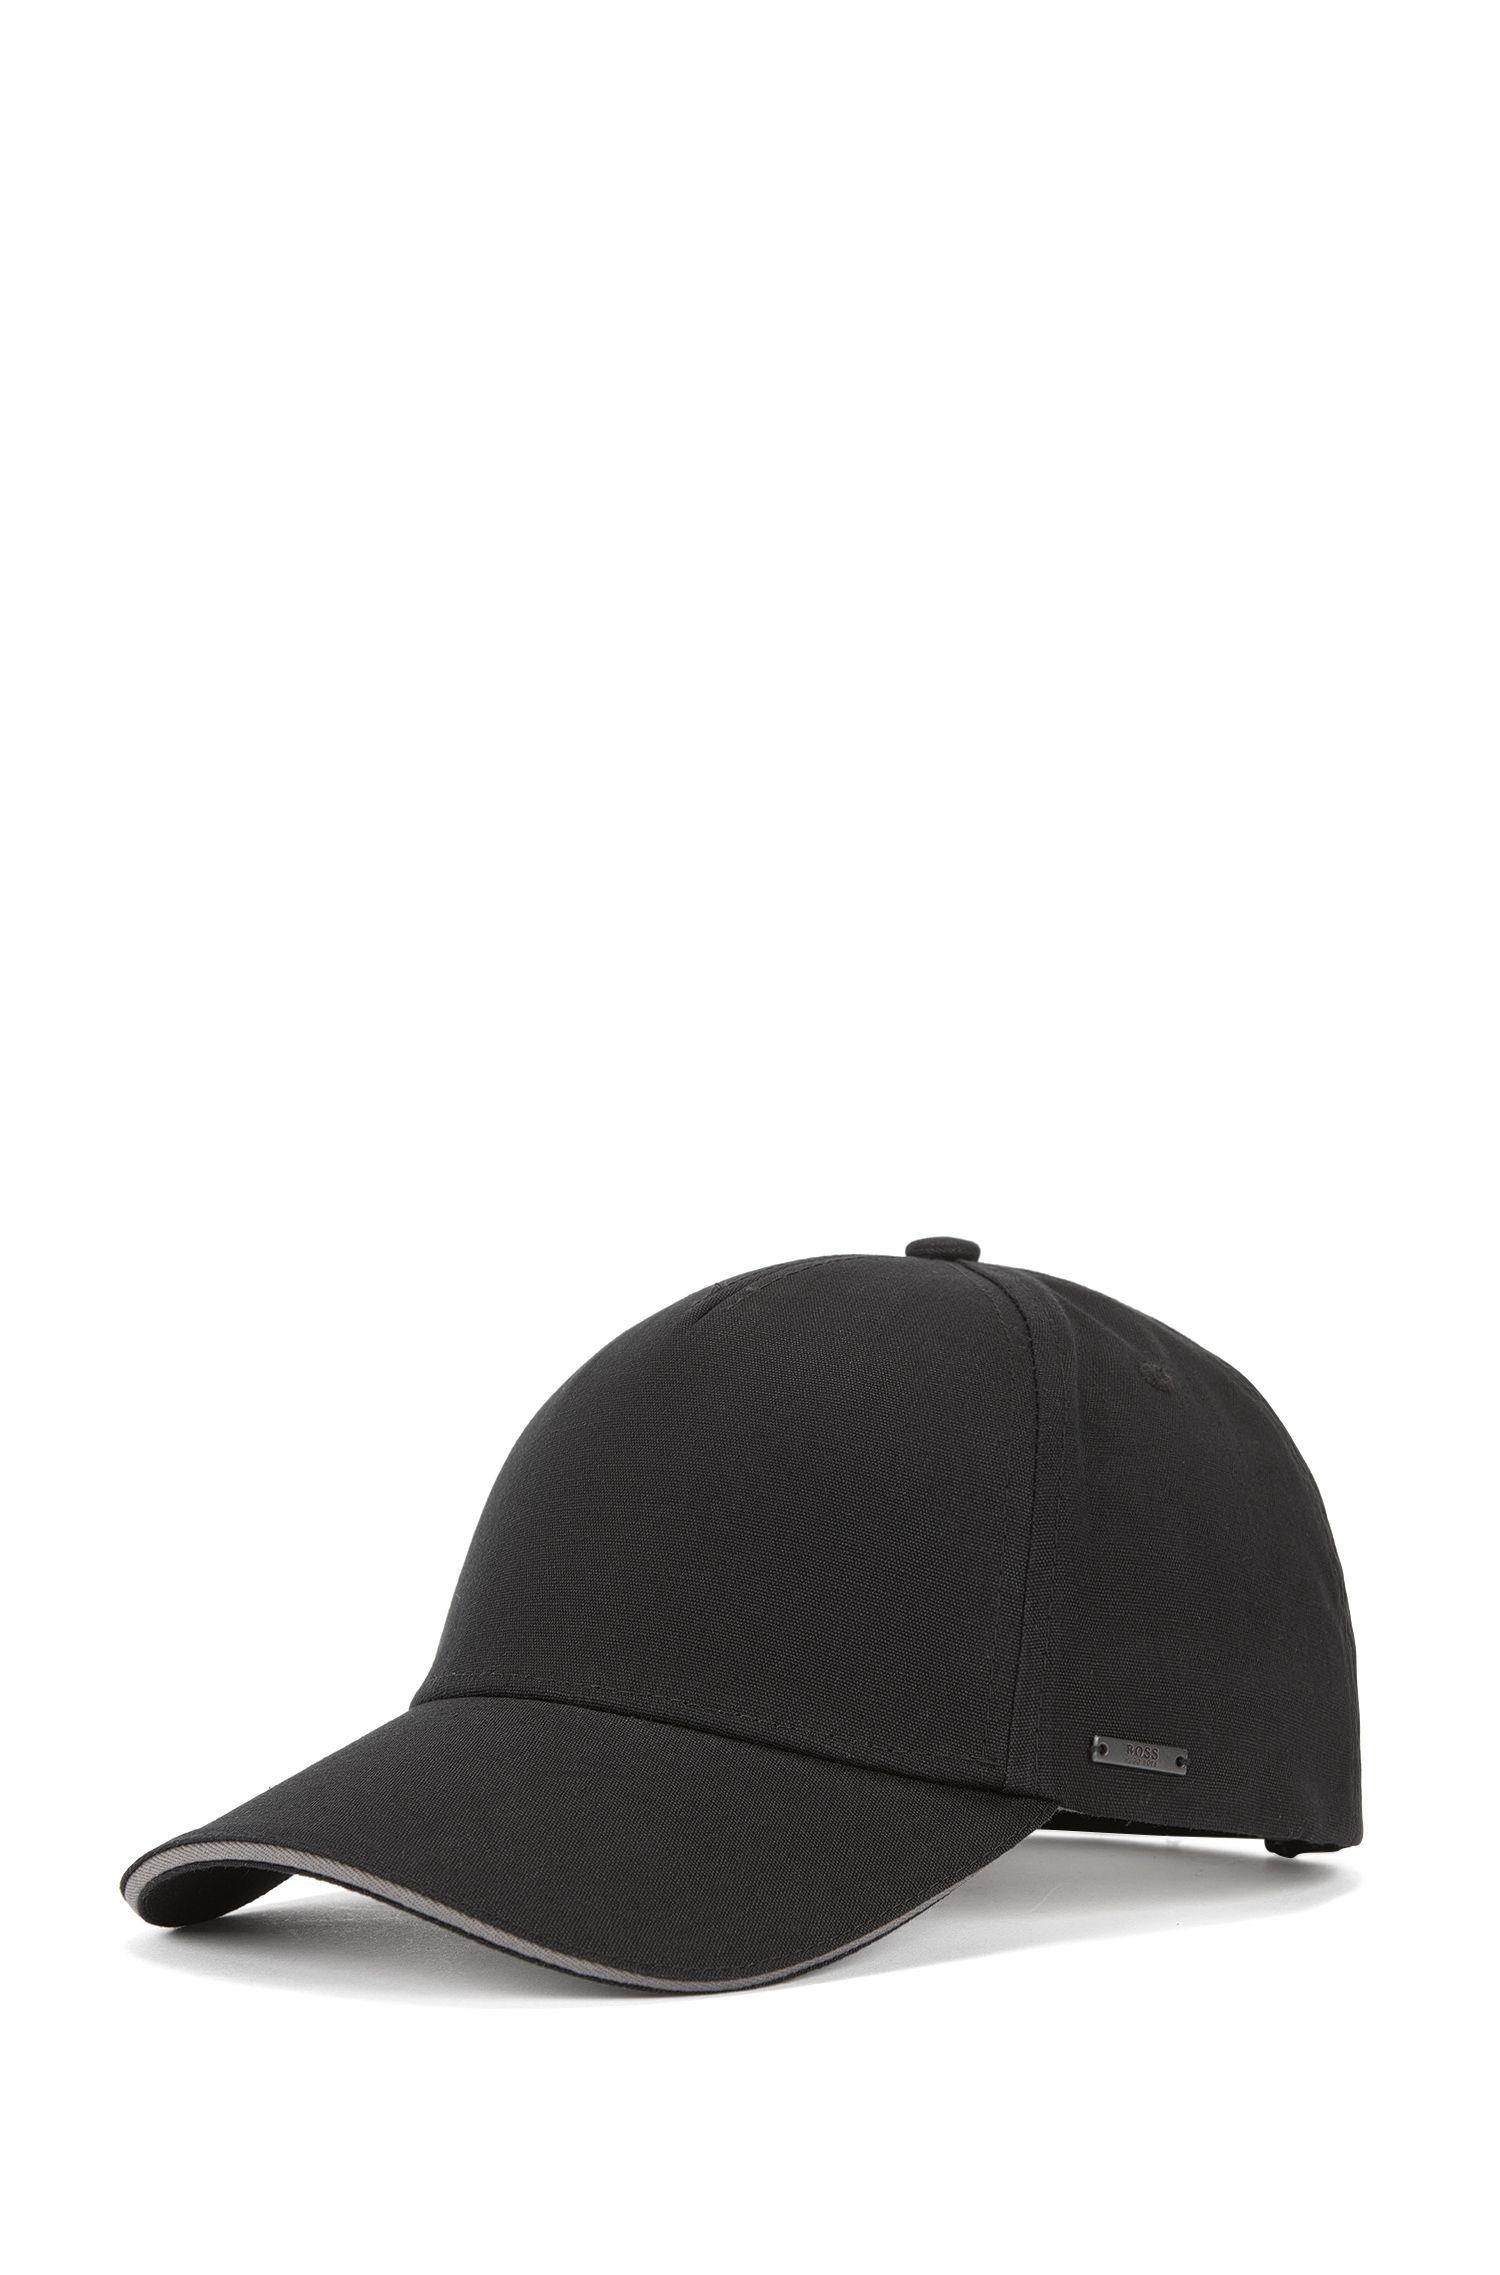 Cappellino in tela di cotone con profilo a contrasto